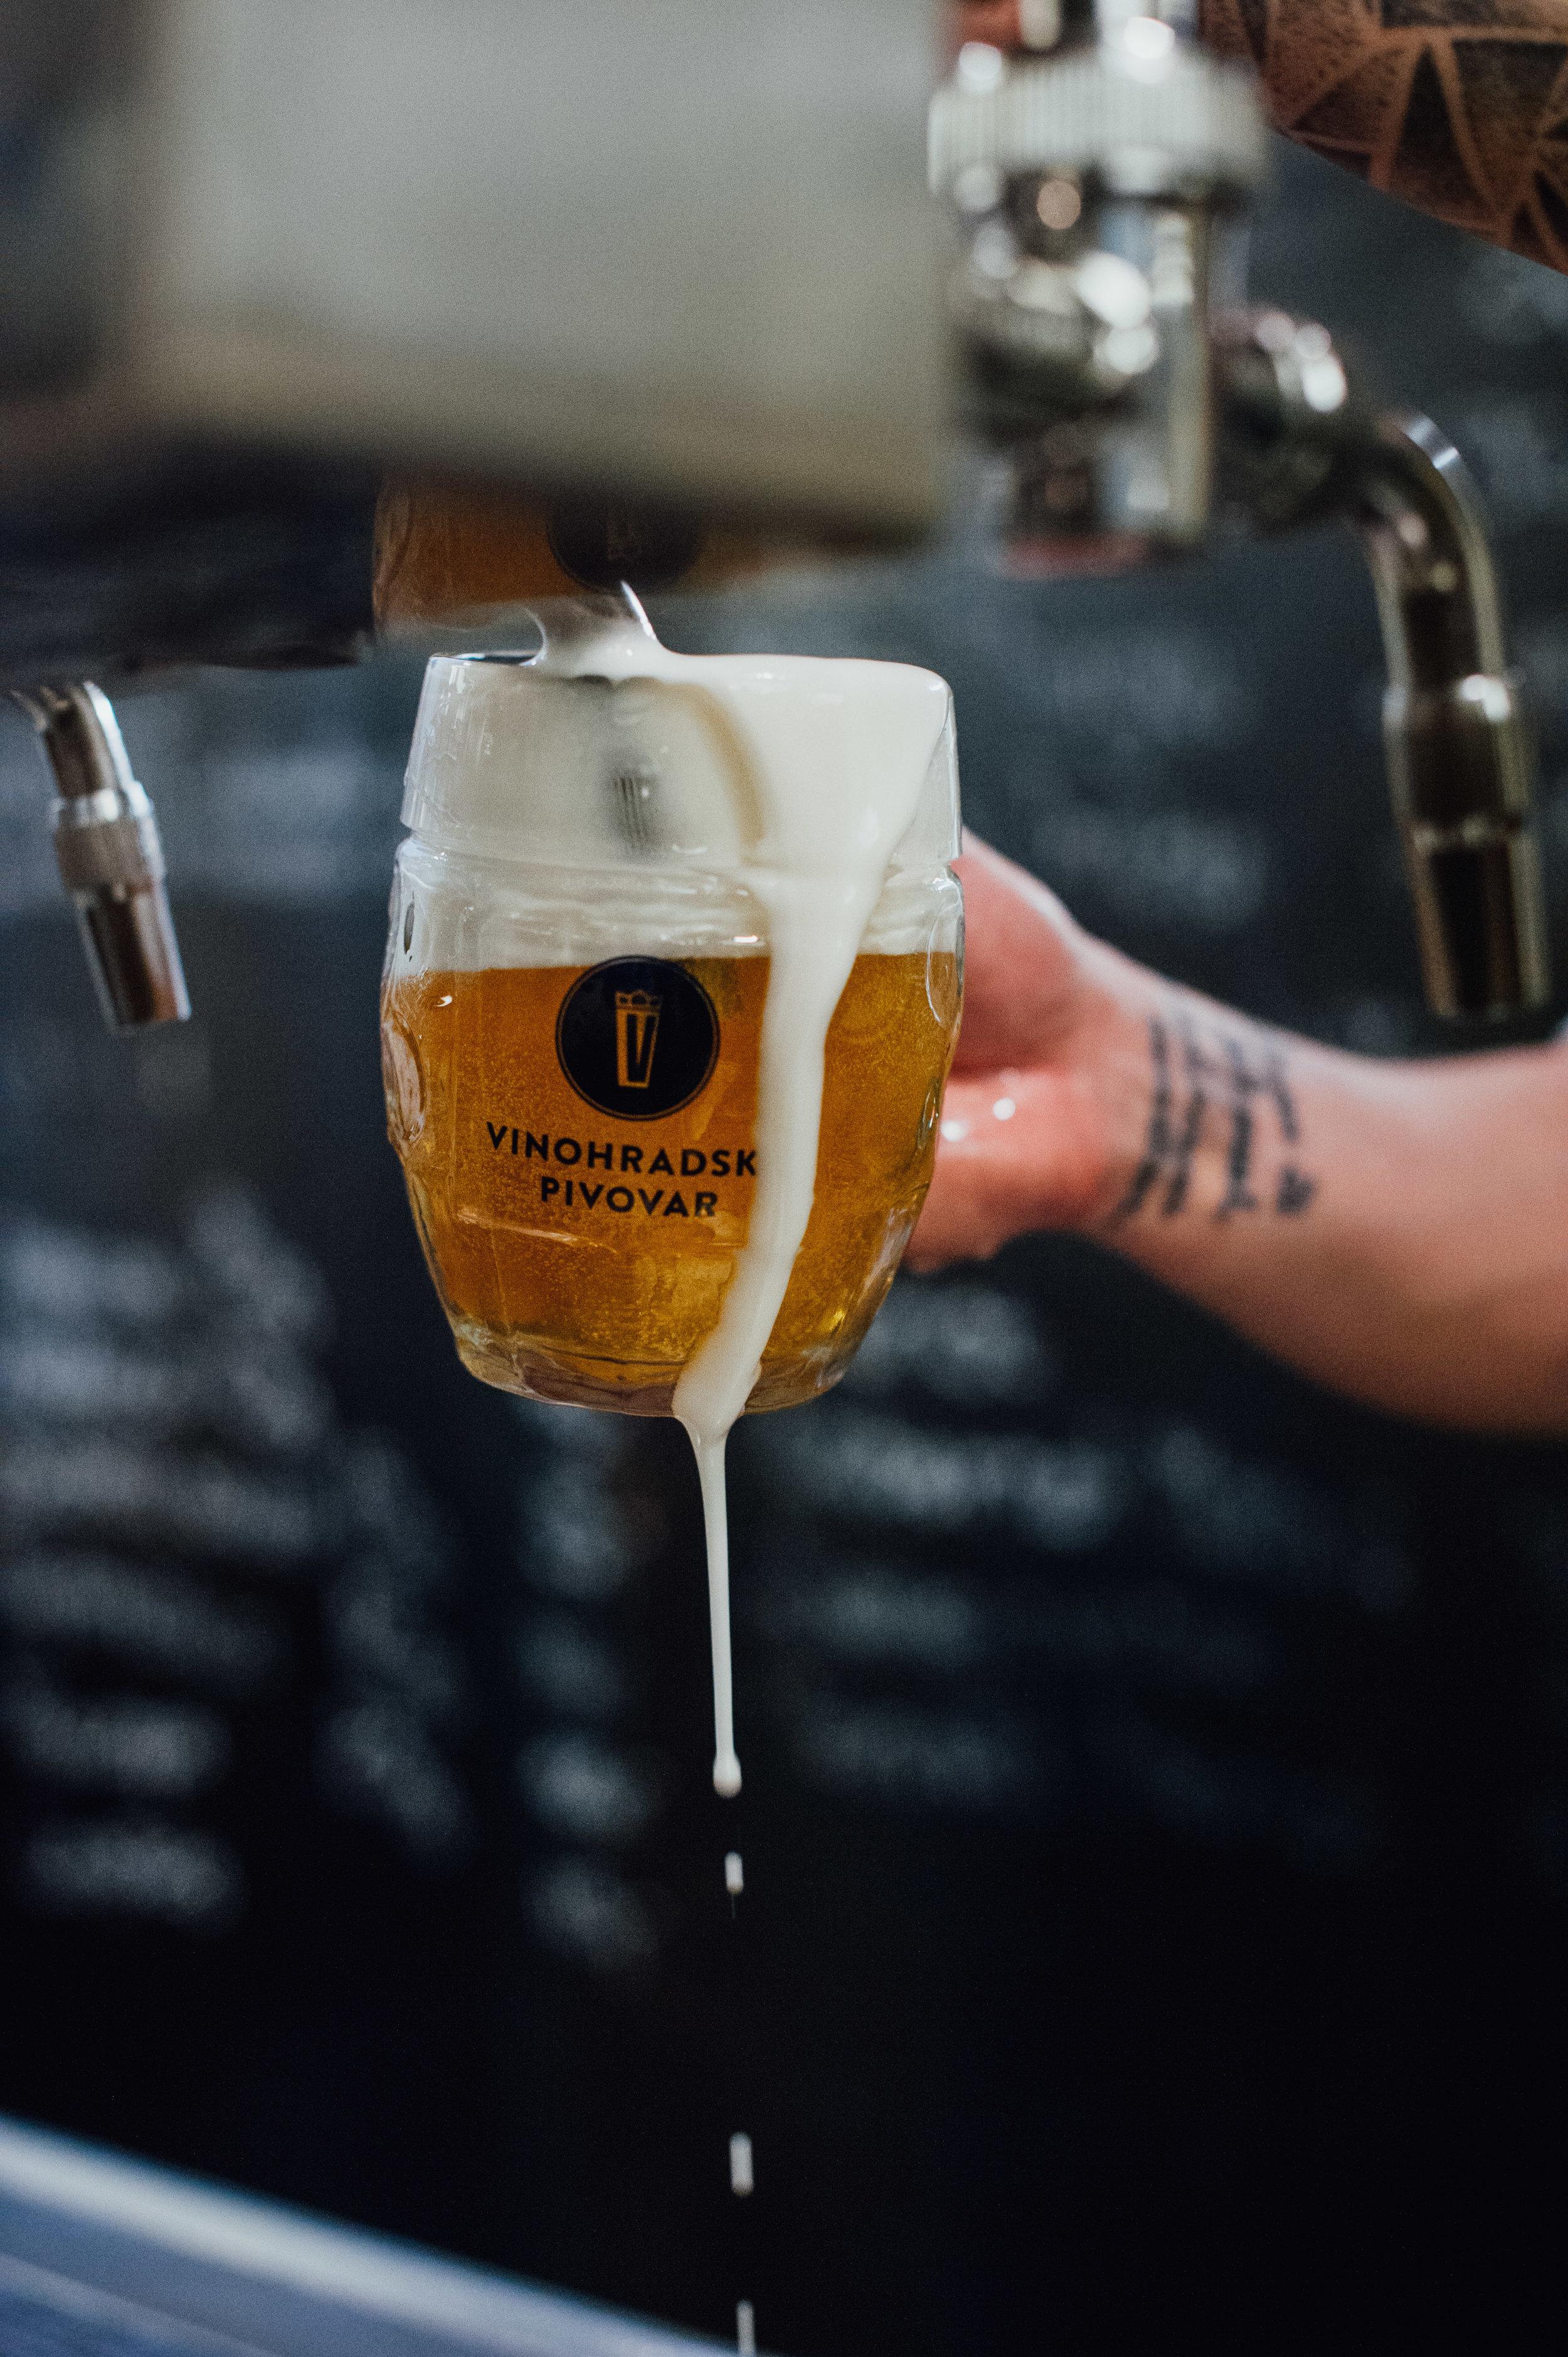 - Vinohradský pivovar